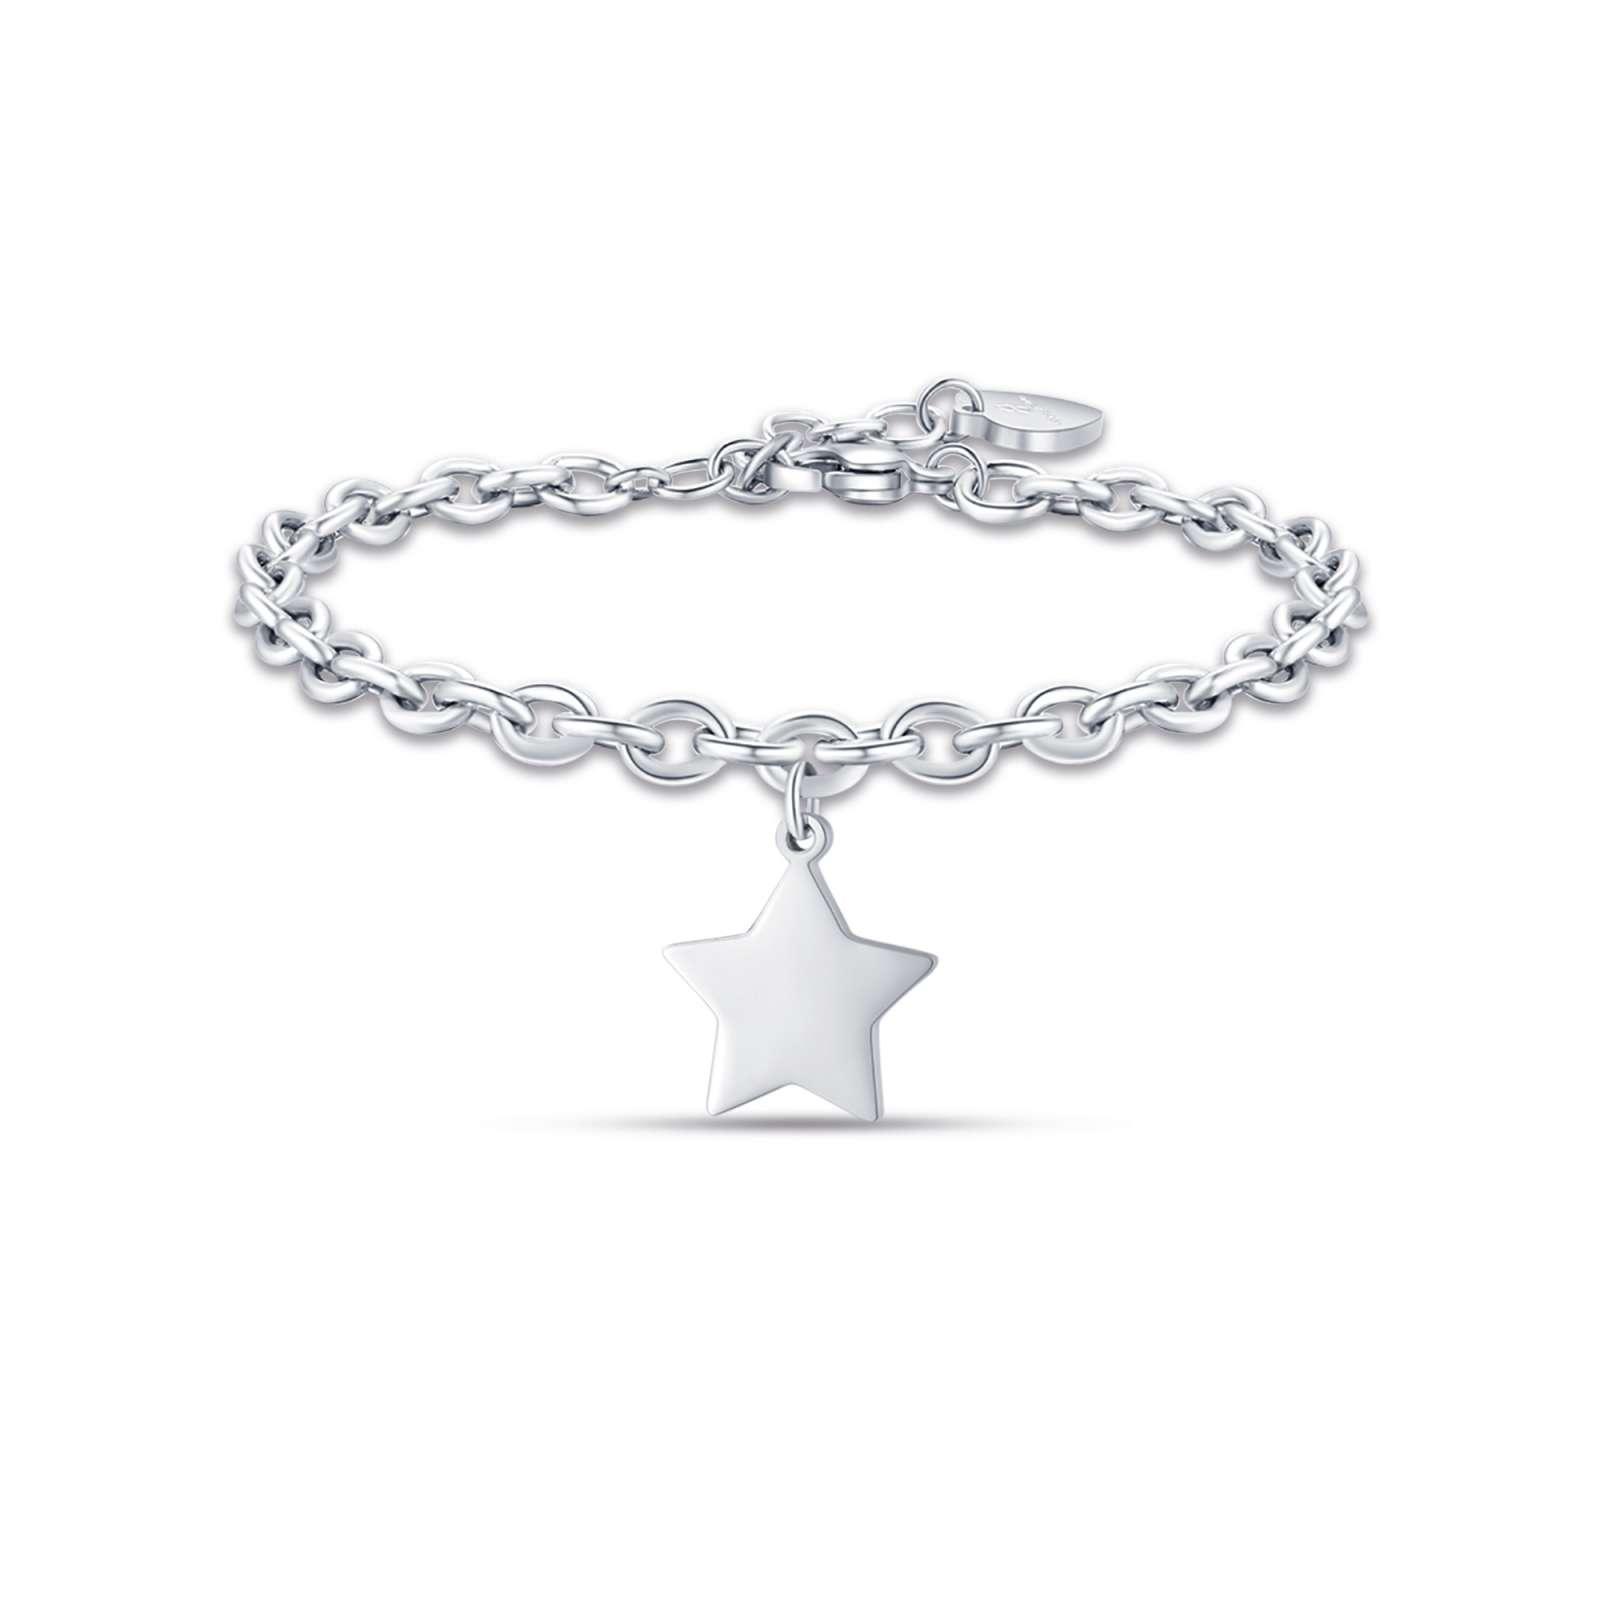 Luca Barra - Bracciale in acciaio con stella